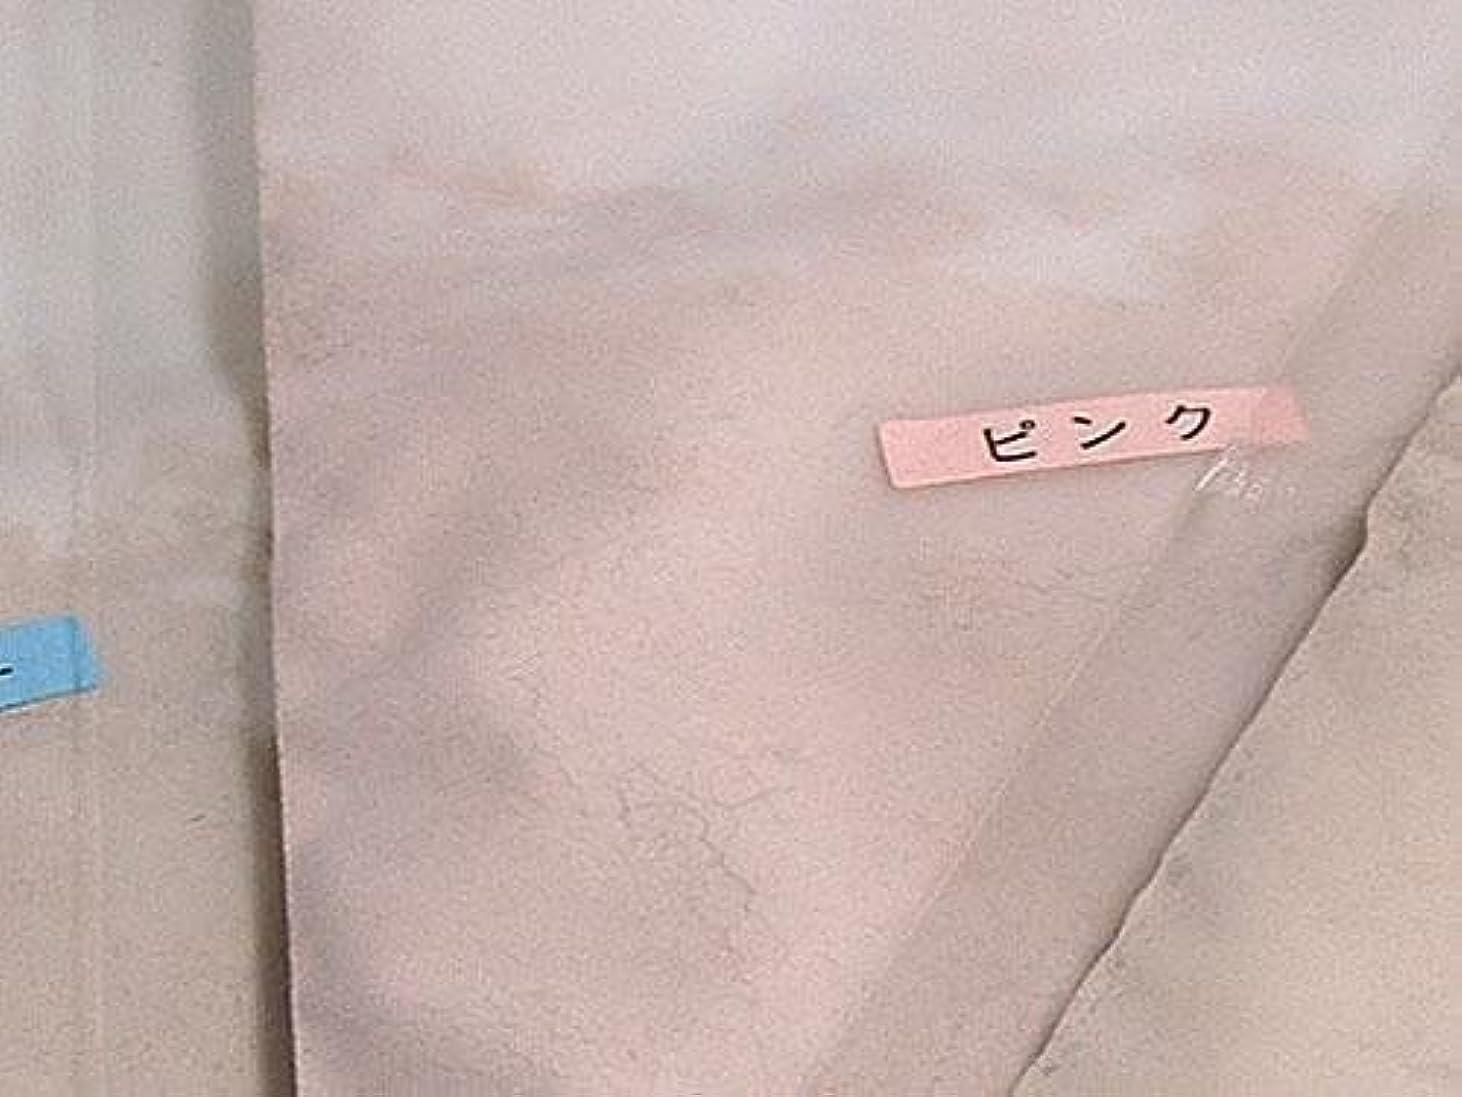 耐久神傾向があります薫寿堂のお香制作セット お香パウダー ピンク 単品